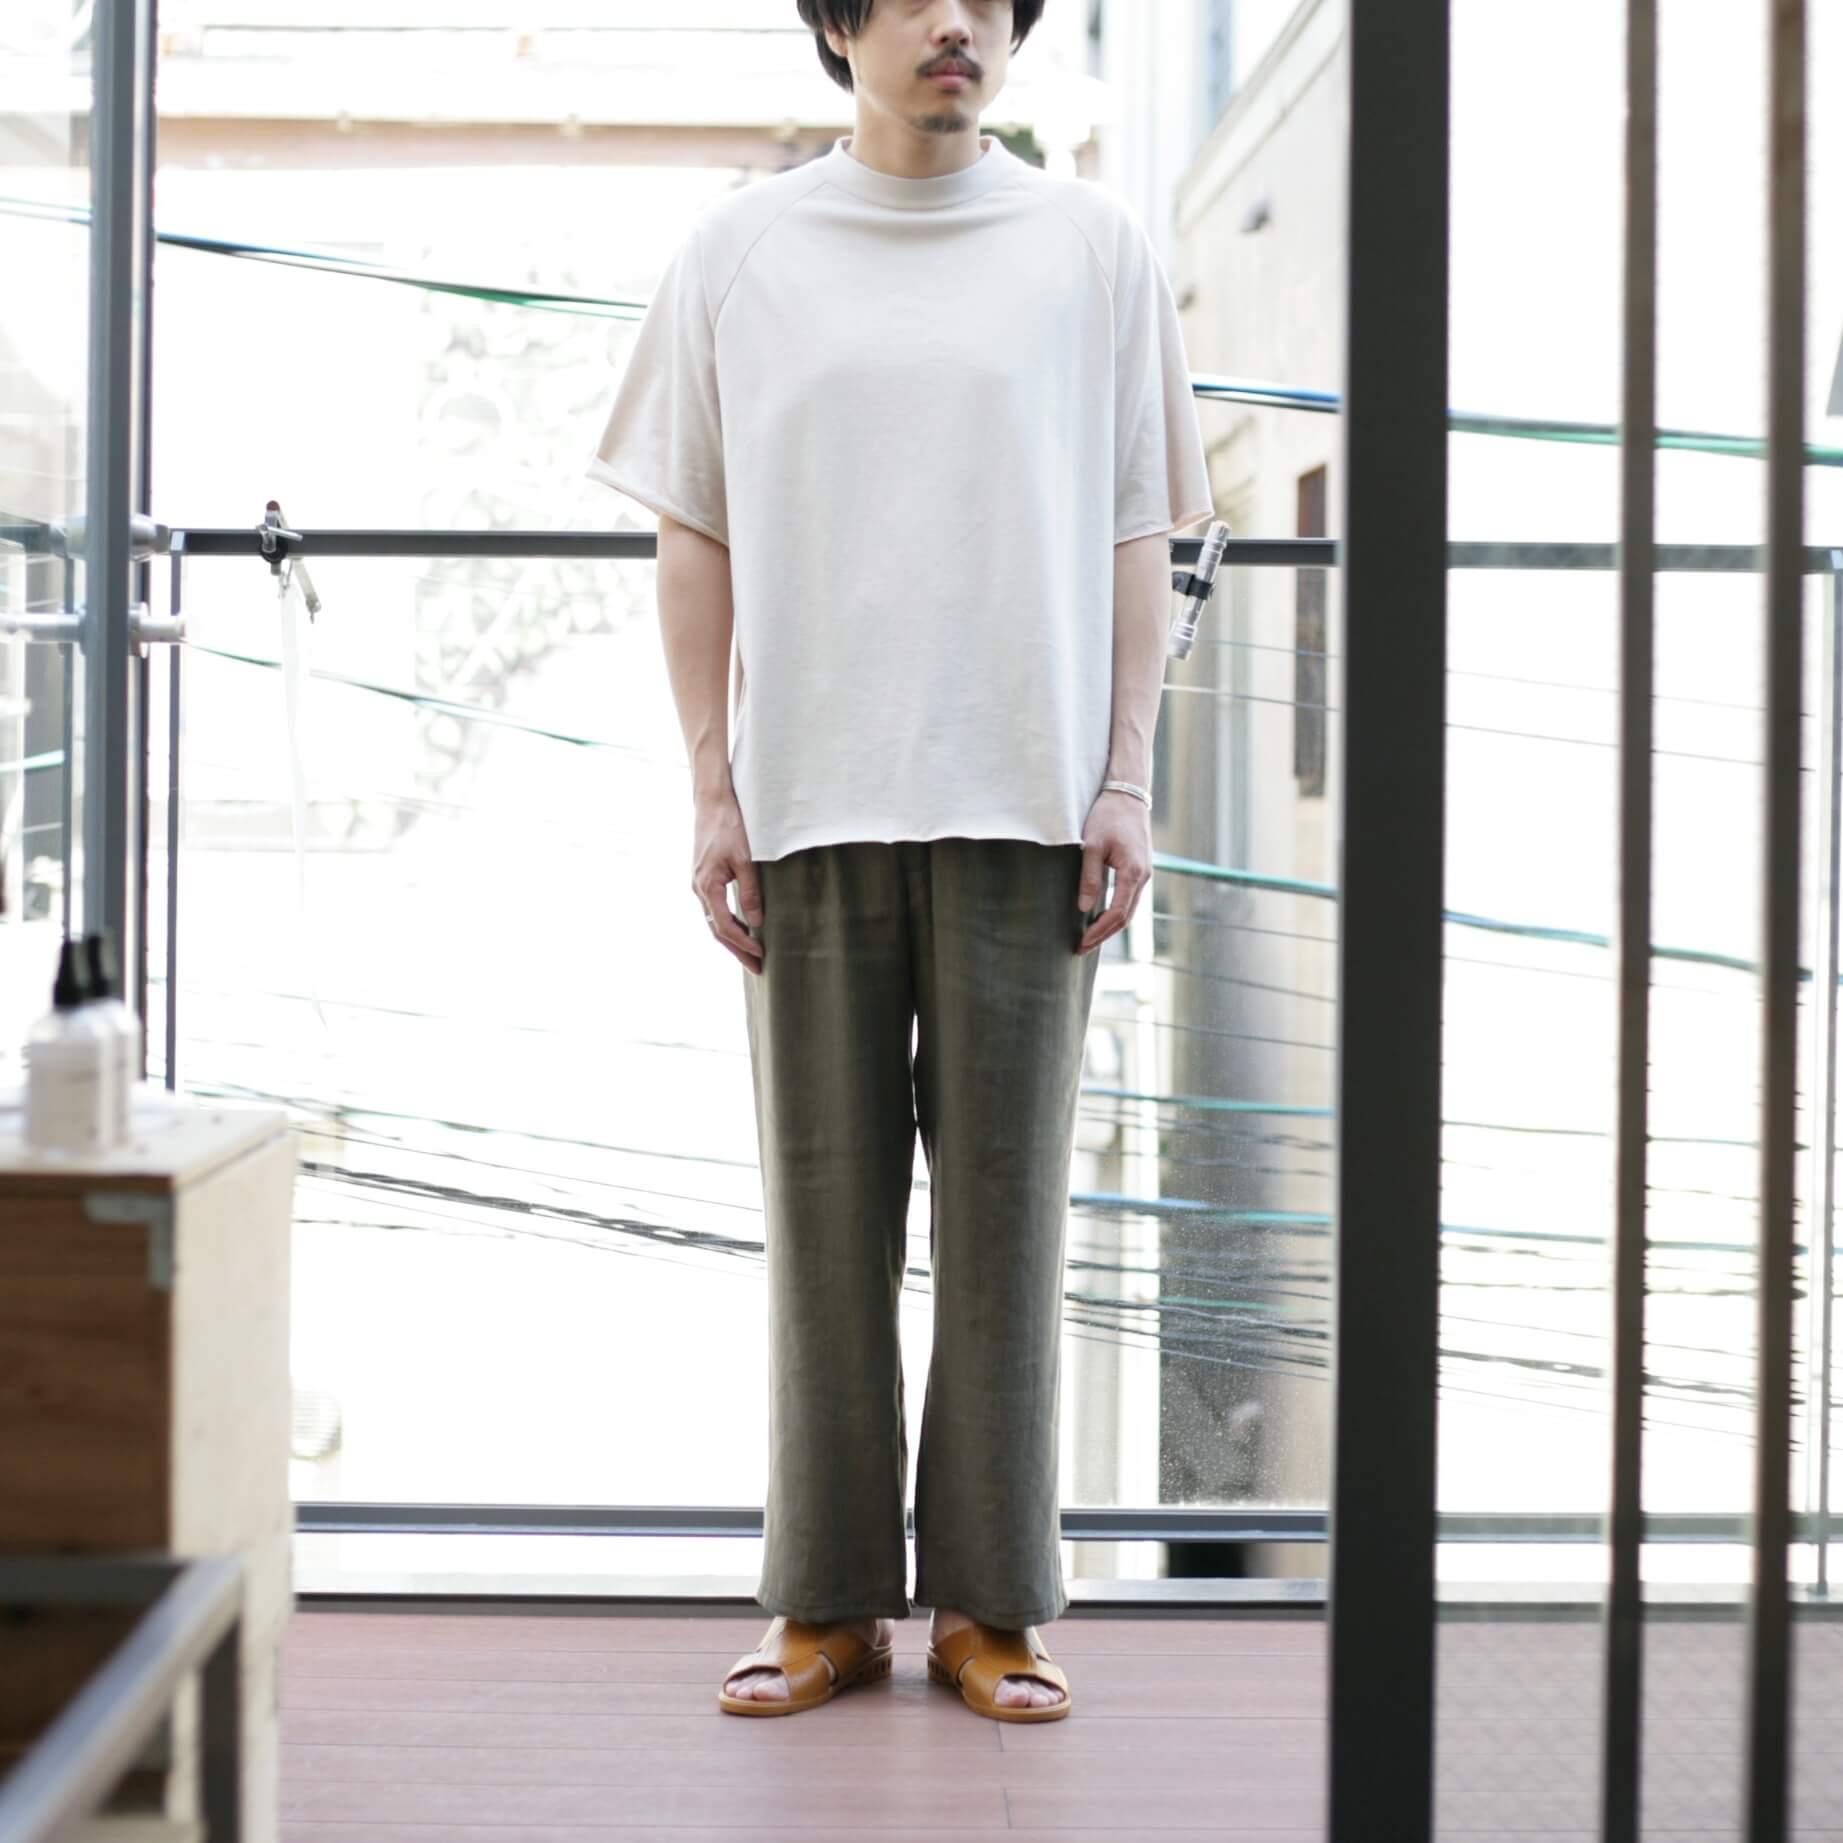 thee apron s/s beigeの着用(前)